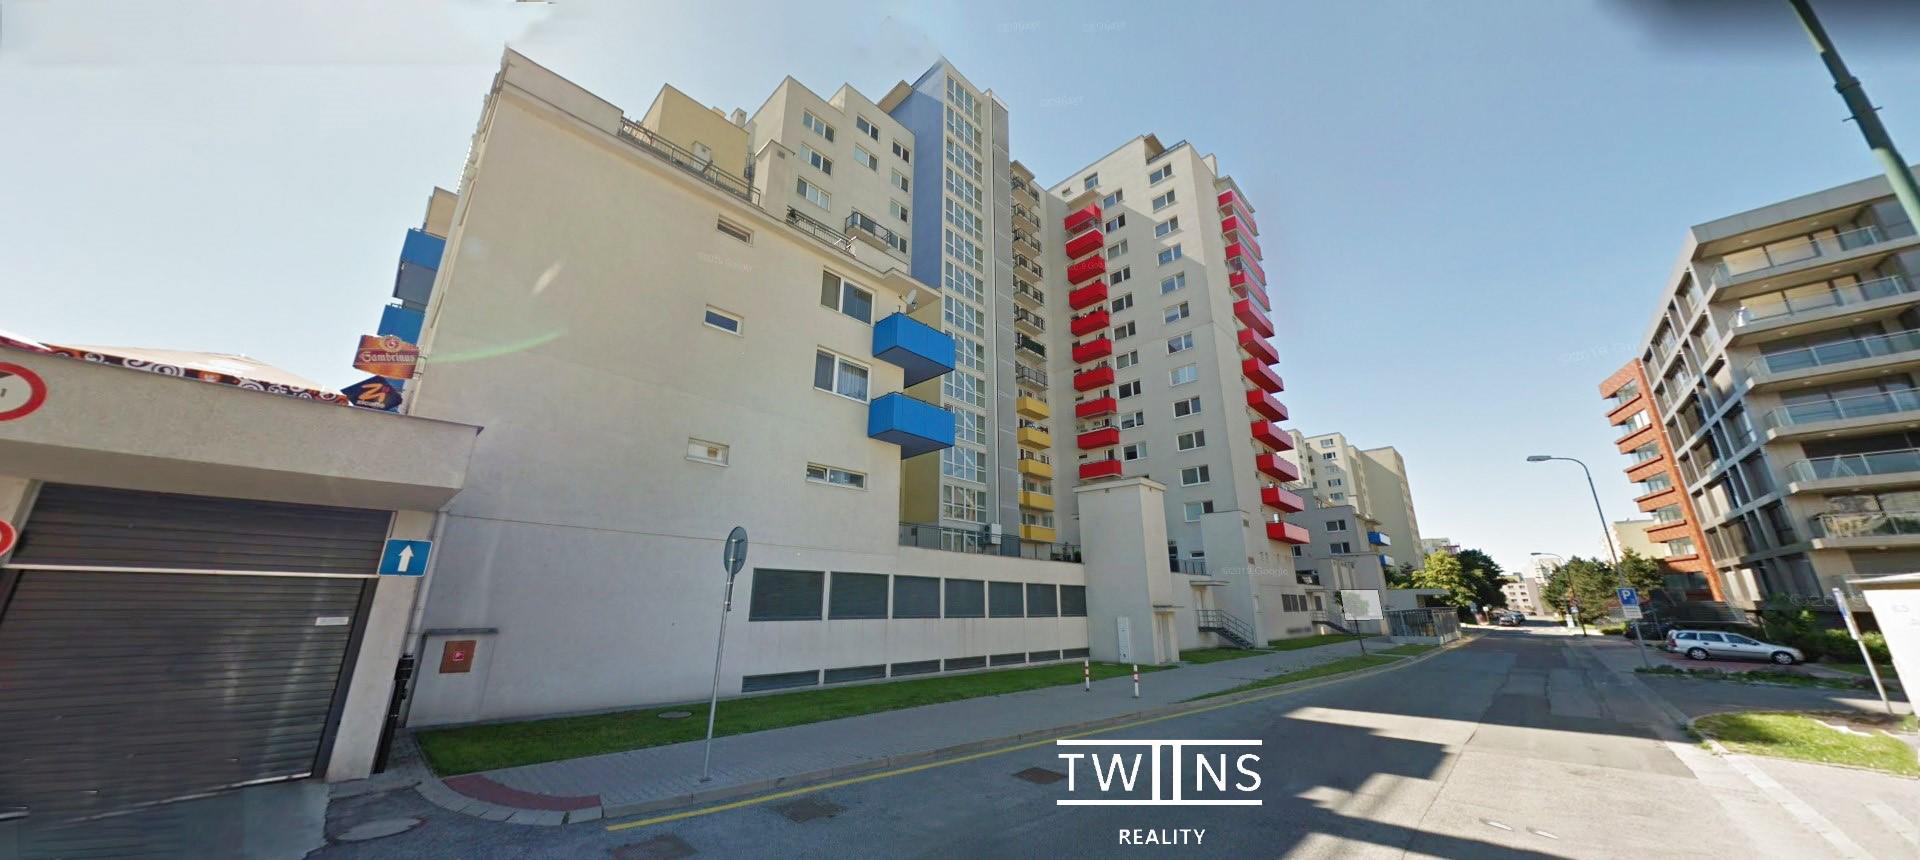 ✅Prenájom 2 izbového bytu v Dúbravke Novostavba + 🚗parkovacie miesto